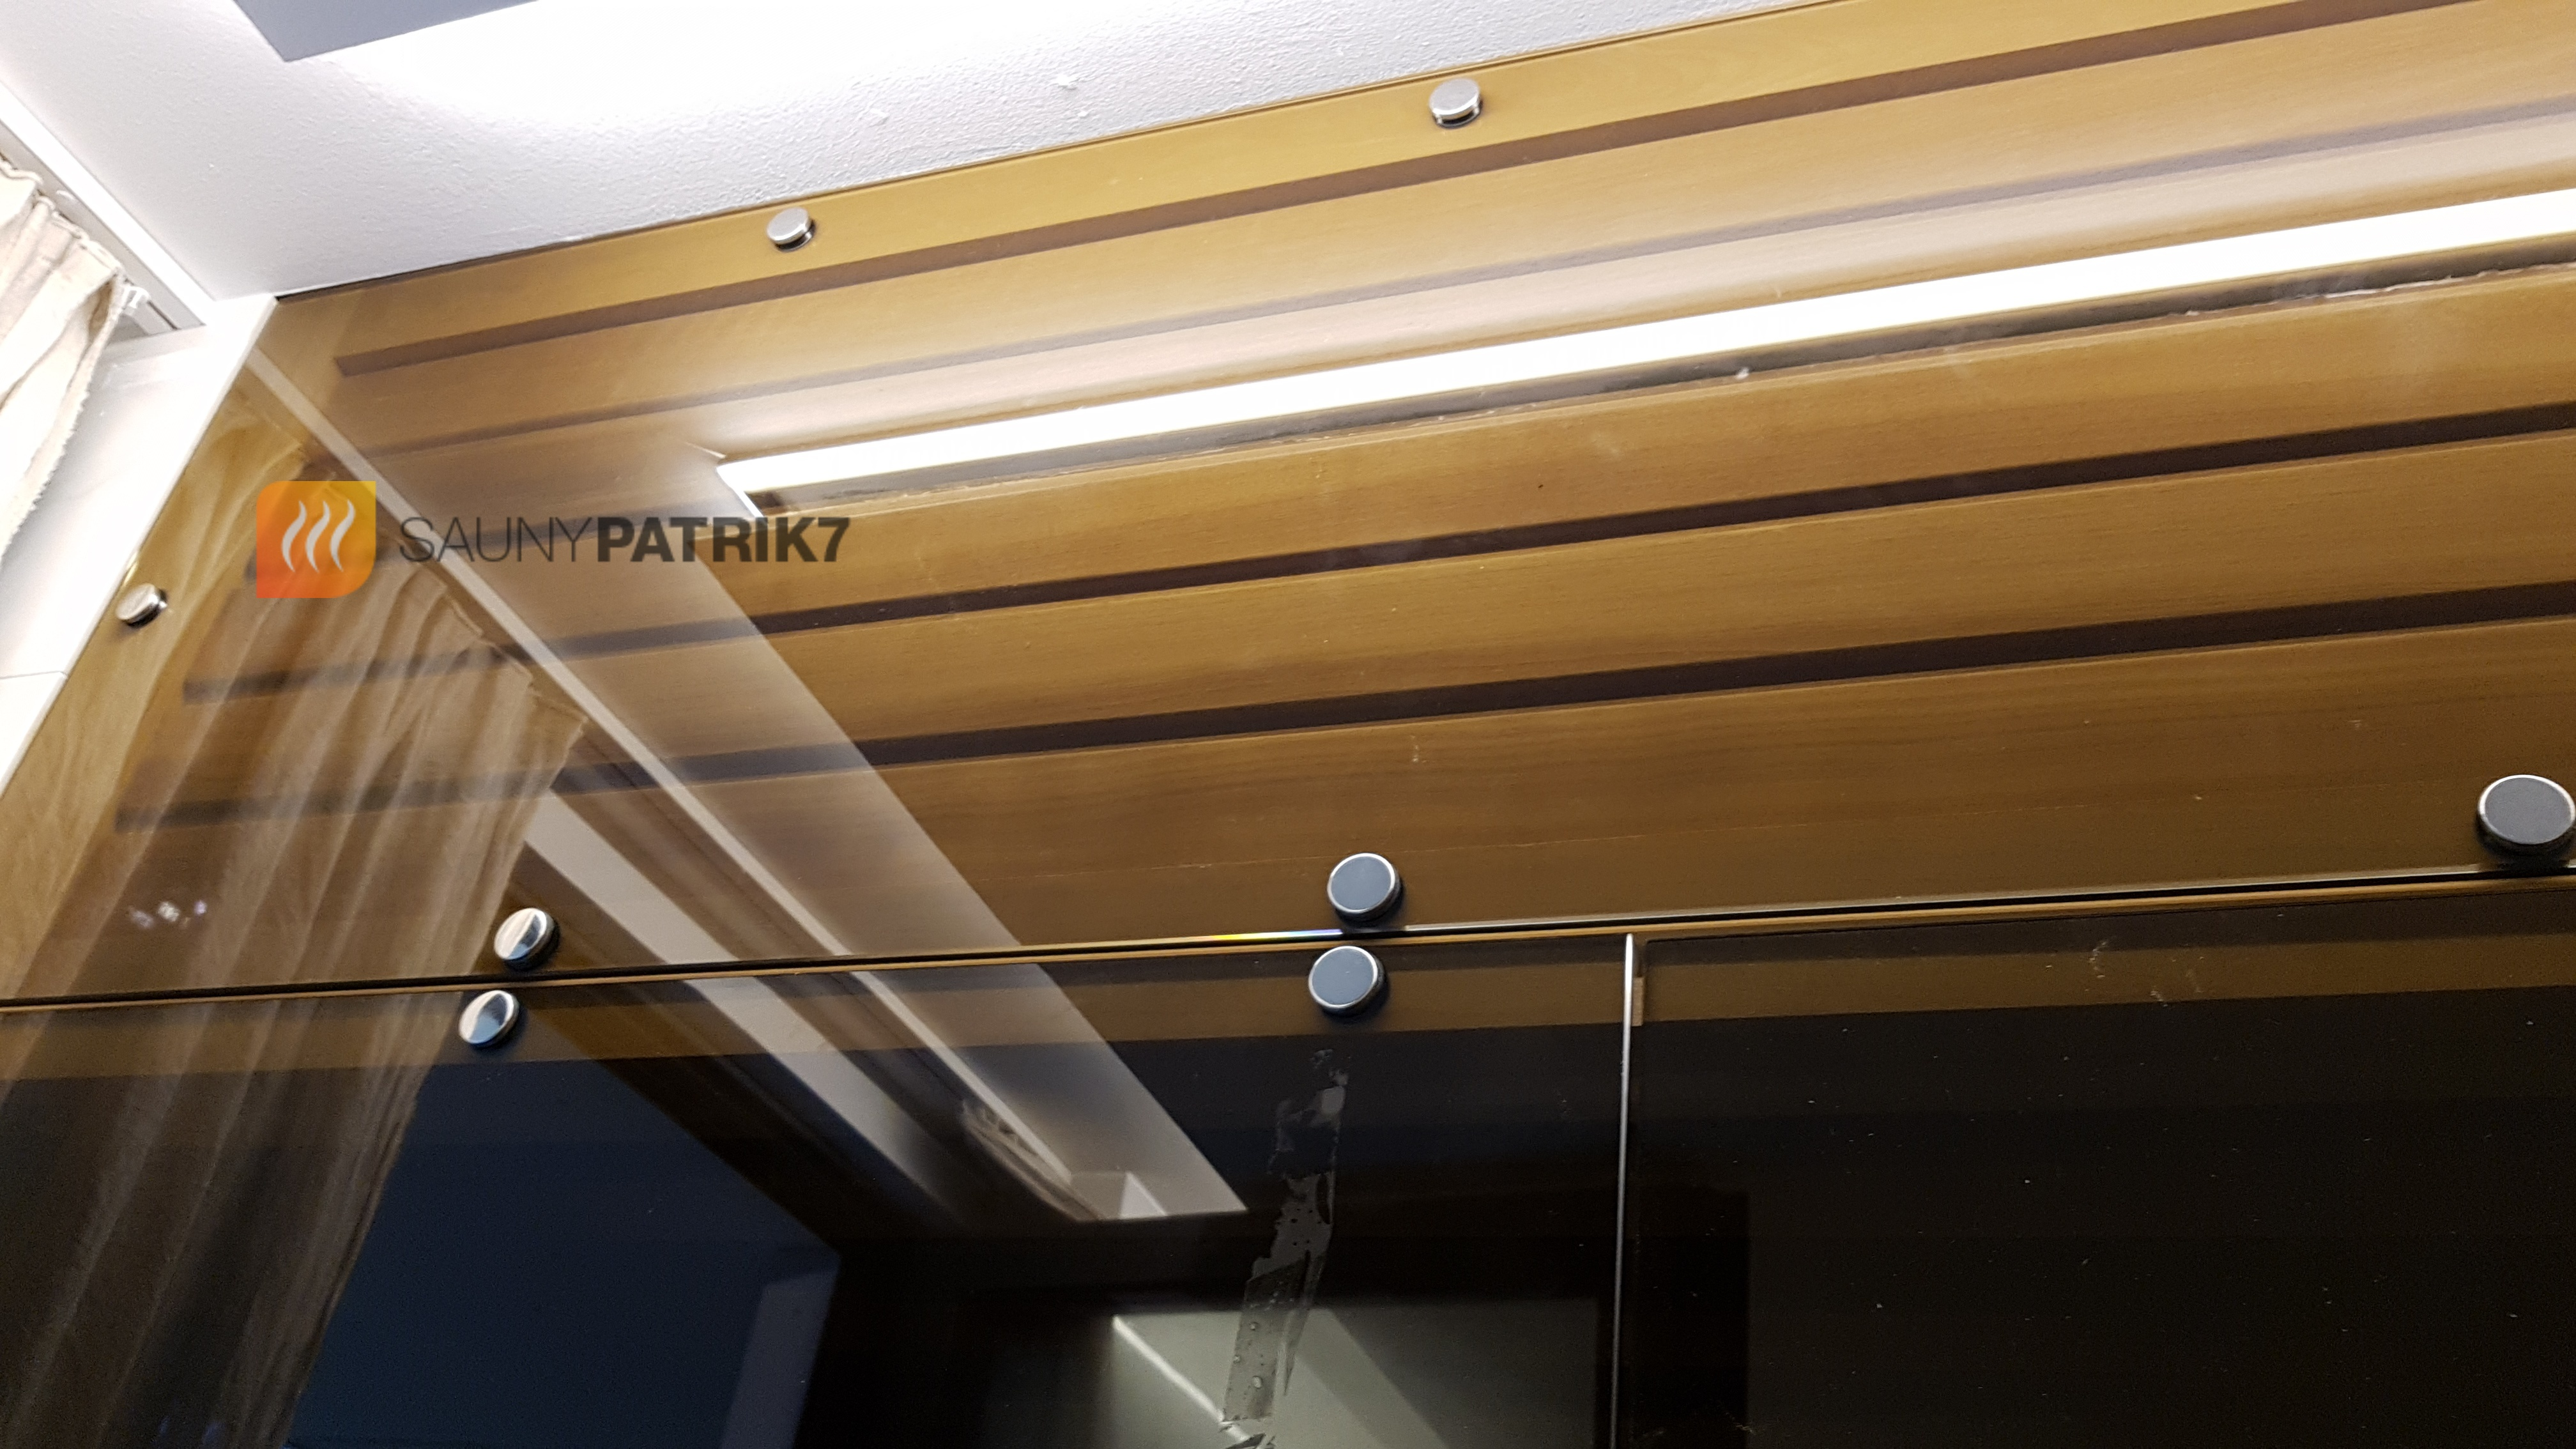 detail presklenia na mieru - exklusive - sauny patrik 7